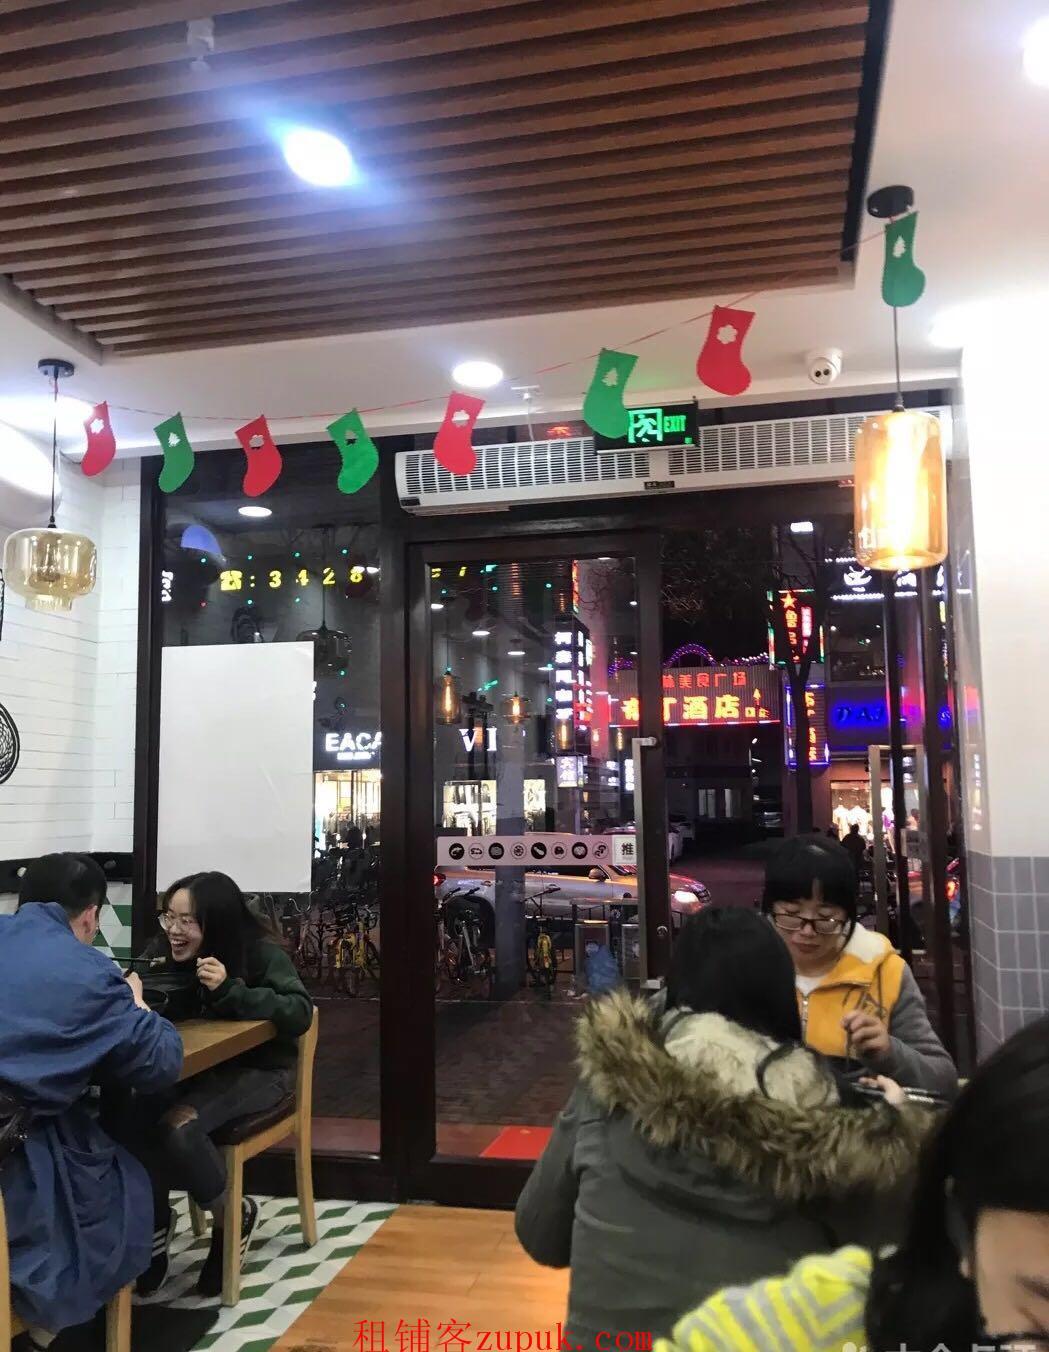 三元里牌坊 餐饮旺铺招租 客流出去超大 业态不限